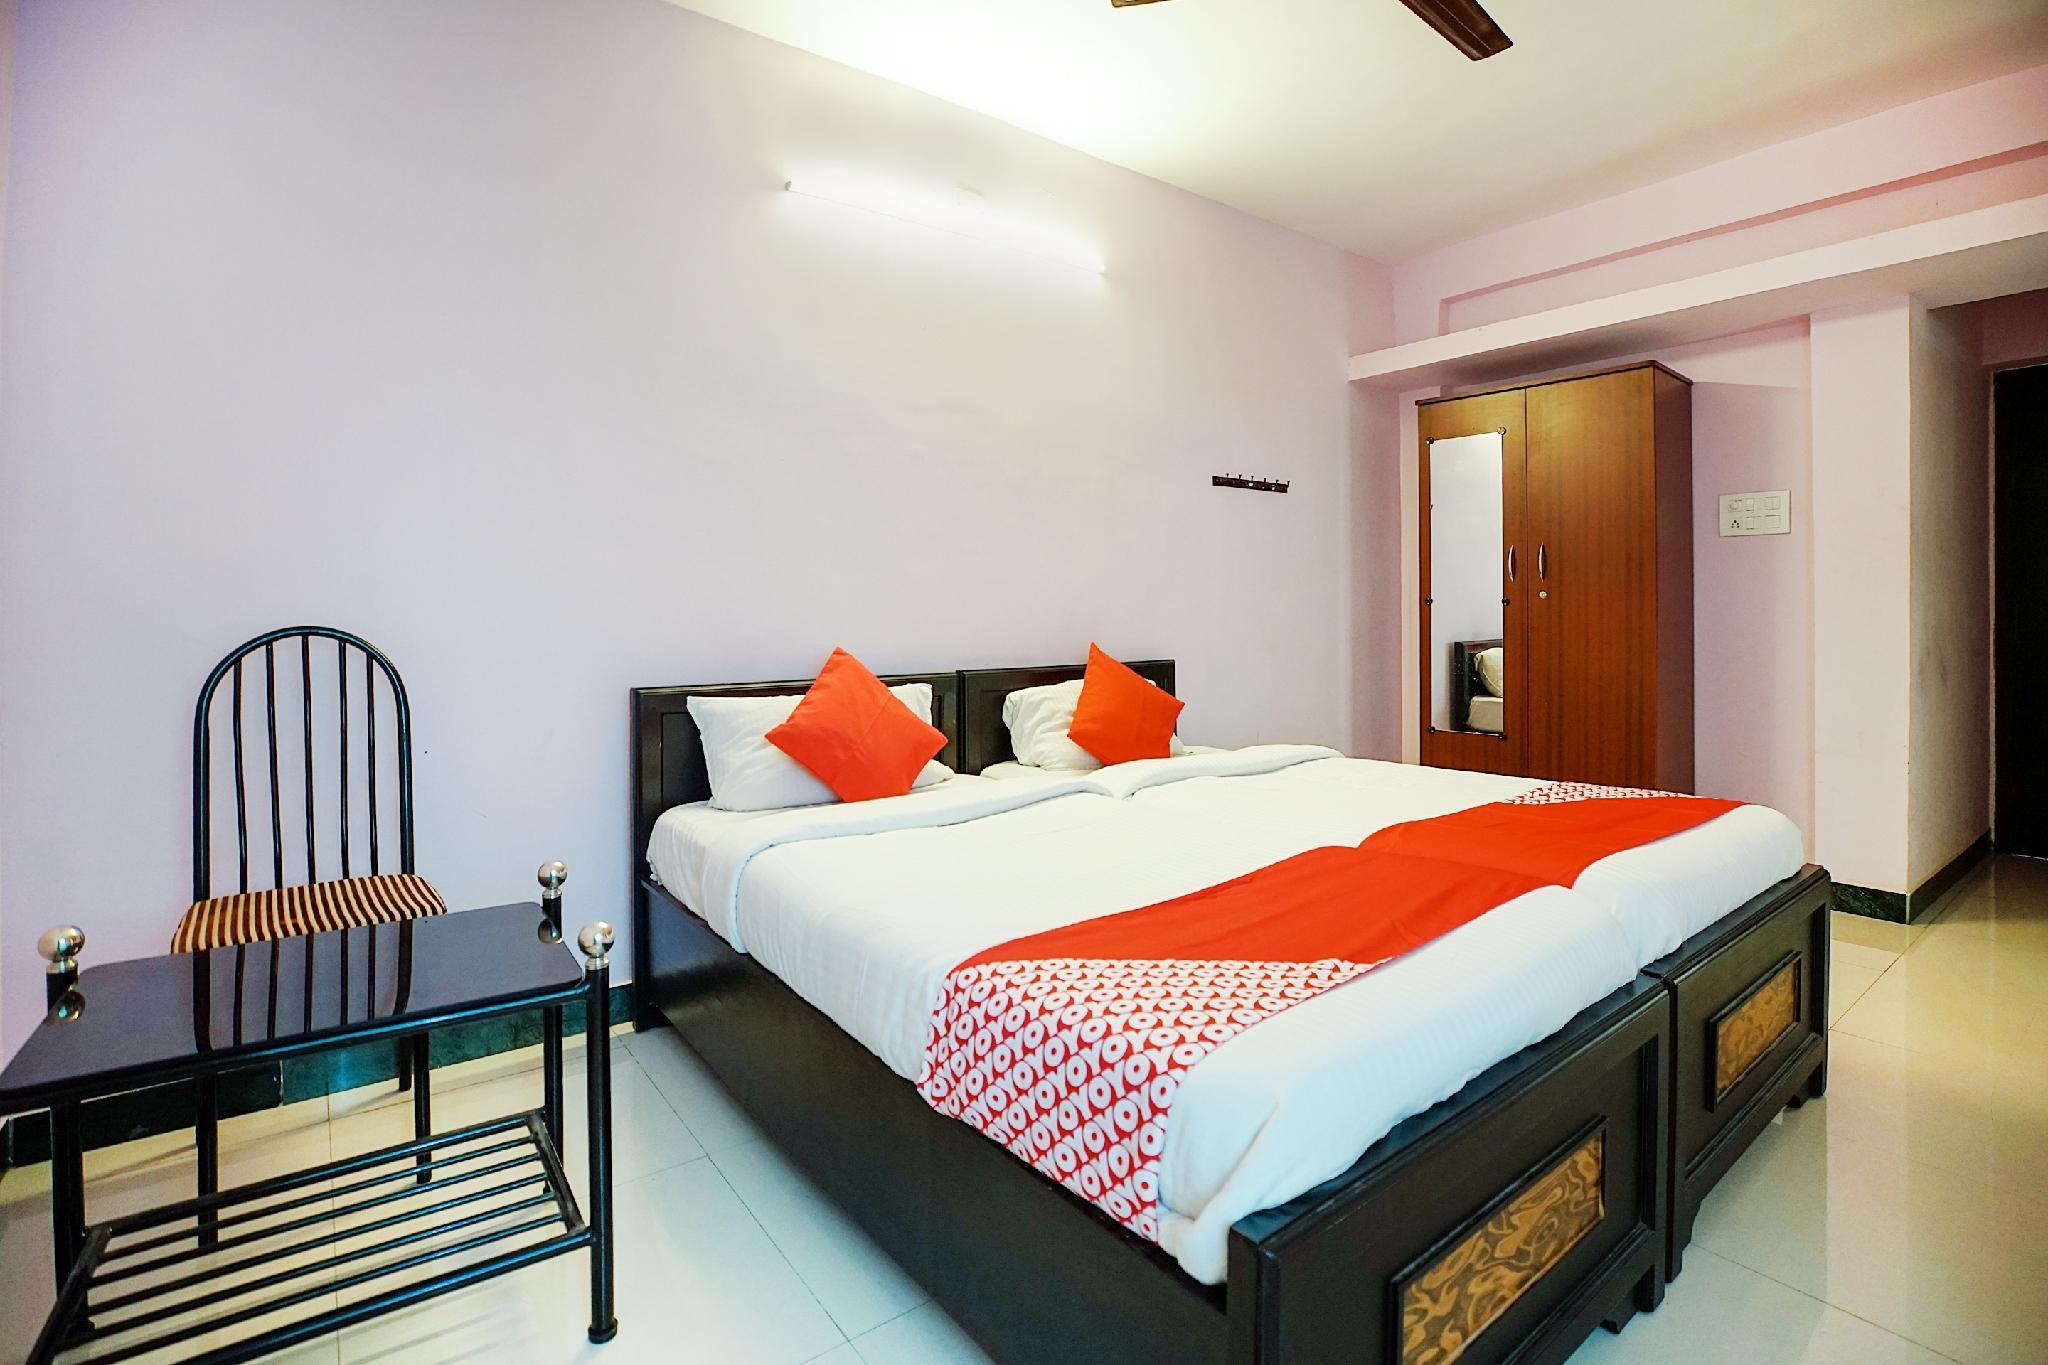 OYO 66283 S.S. Apartments